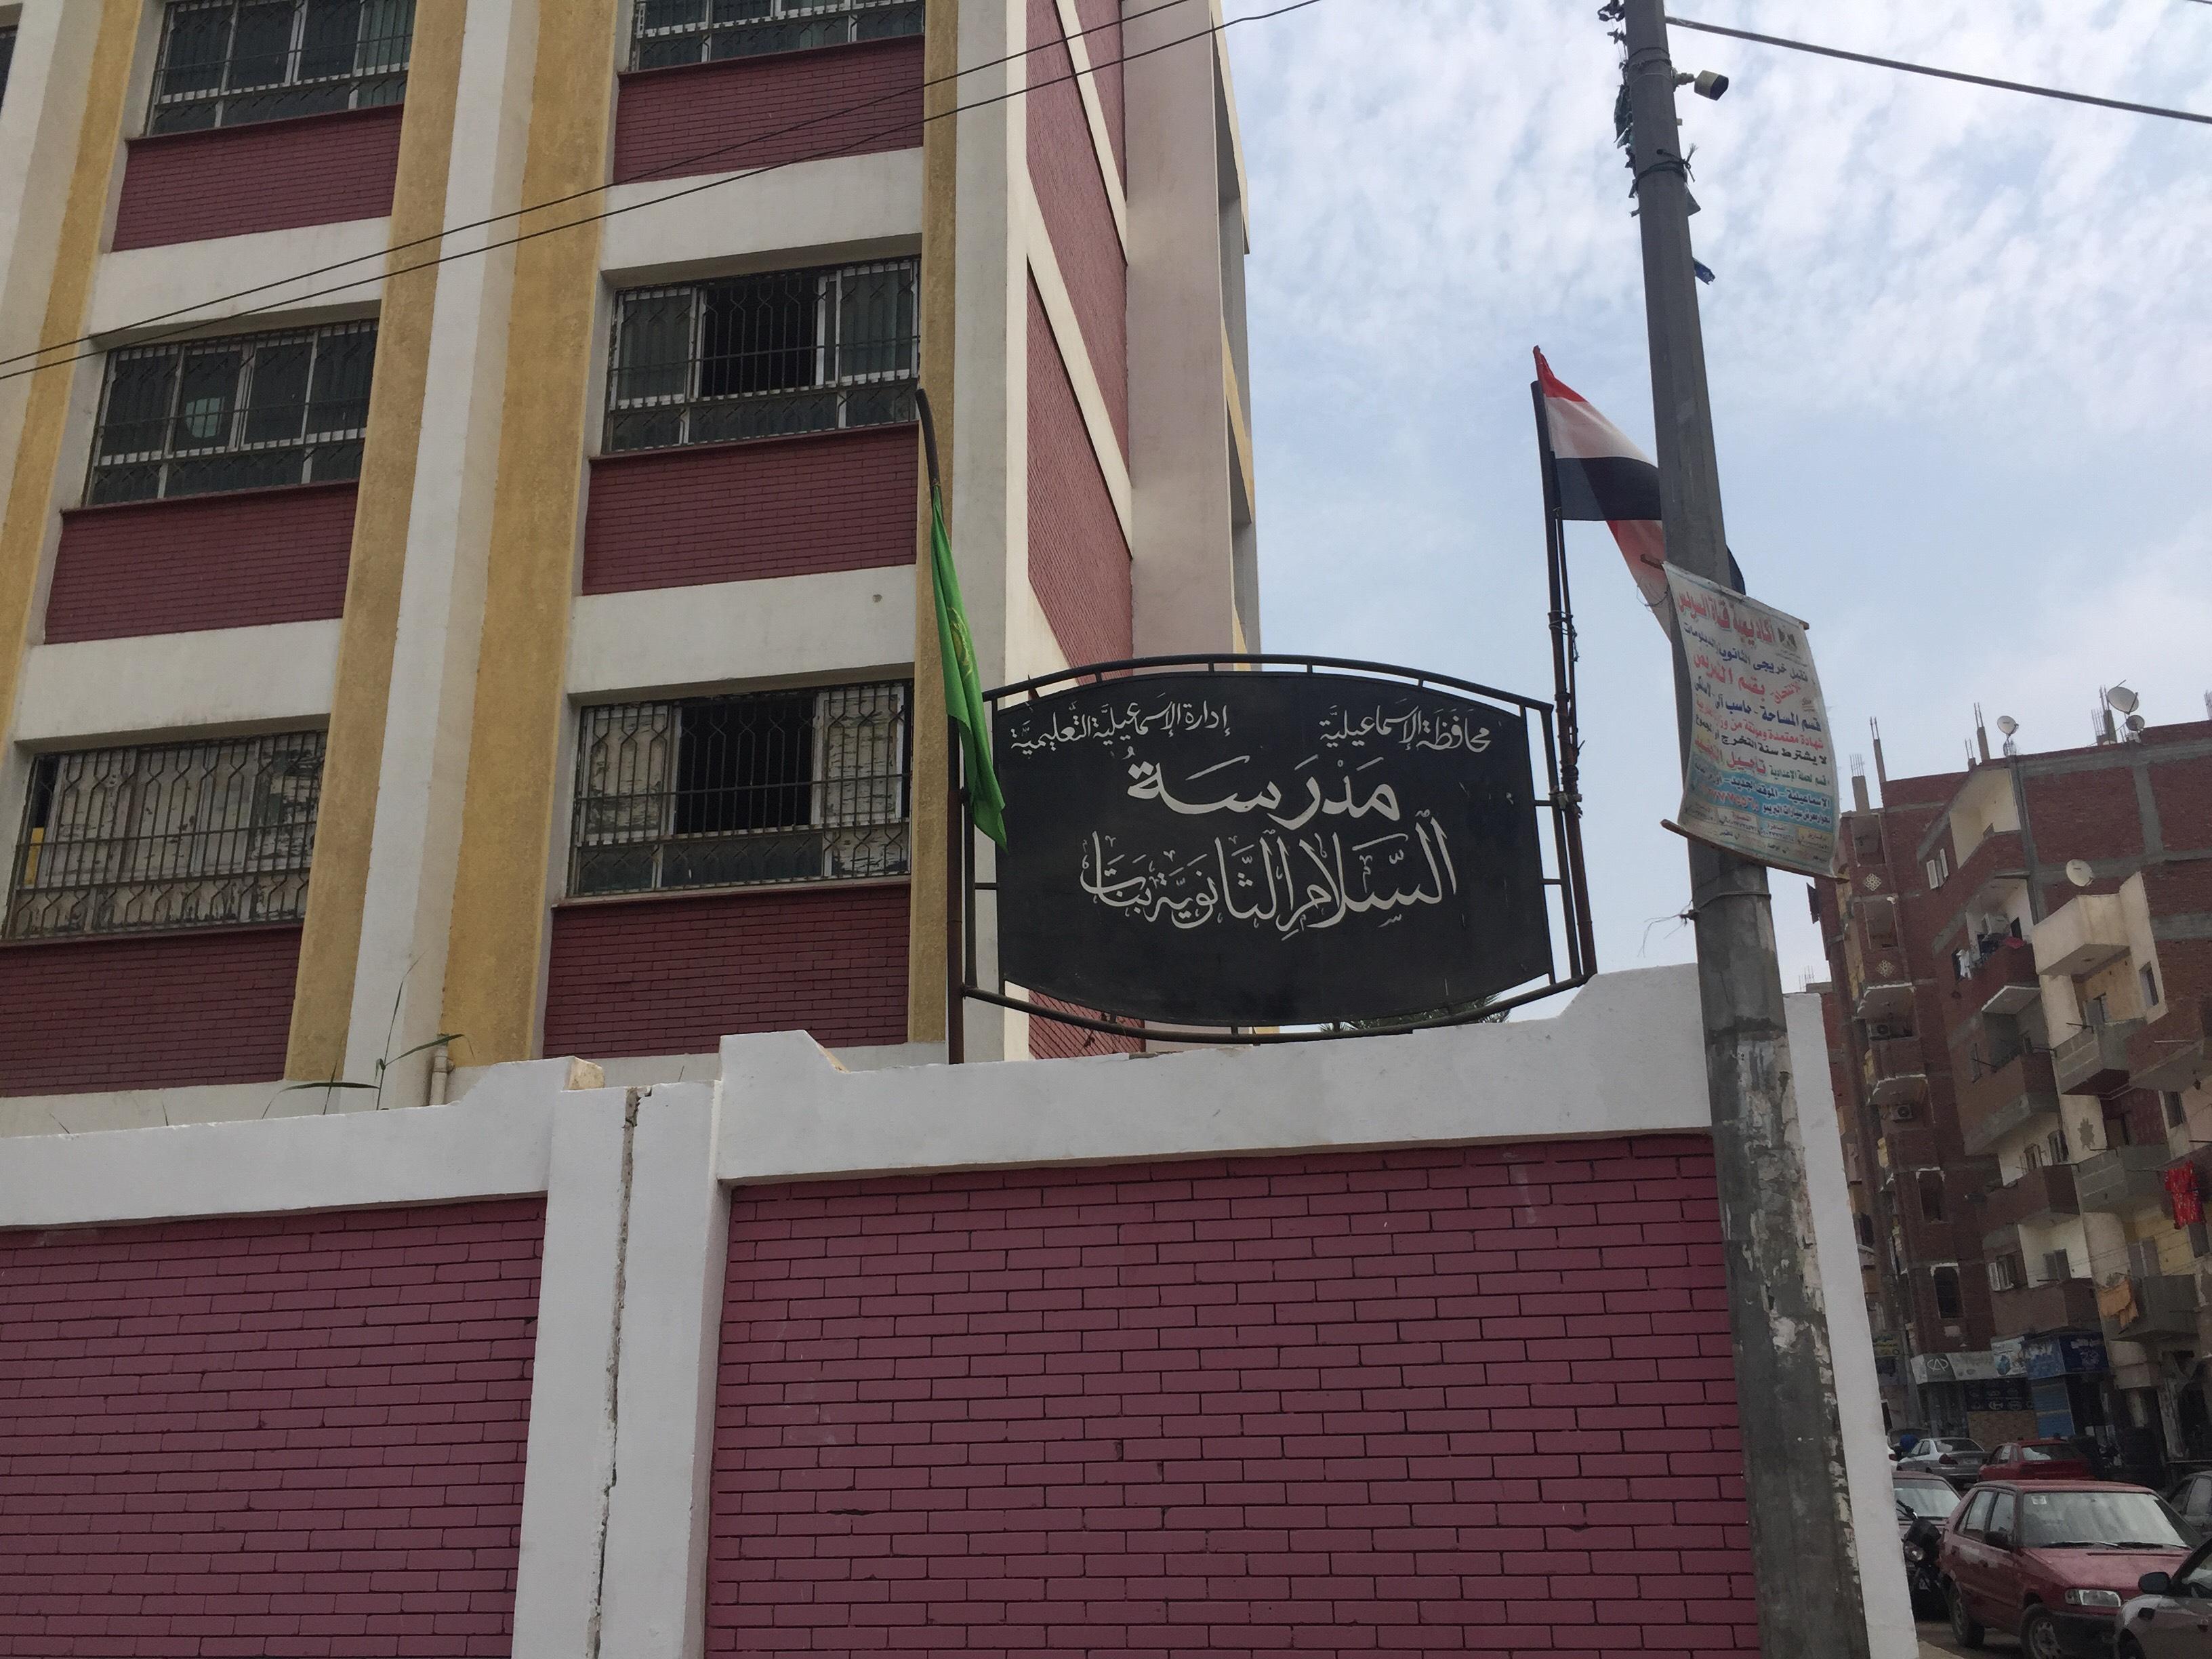 اختناق 36 طالبة بمدرسة السلام بالإسماعيلية (2)